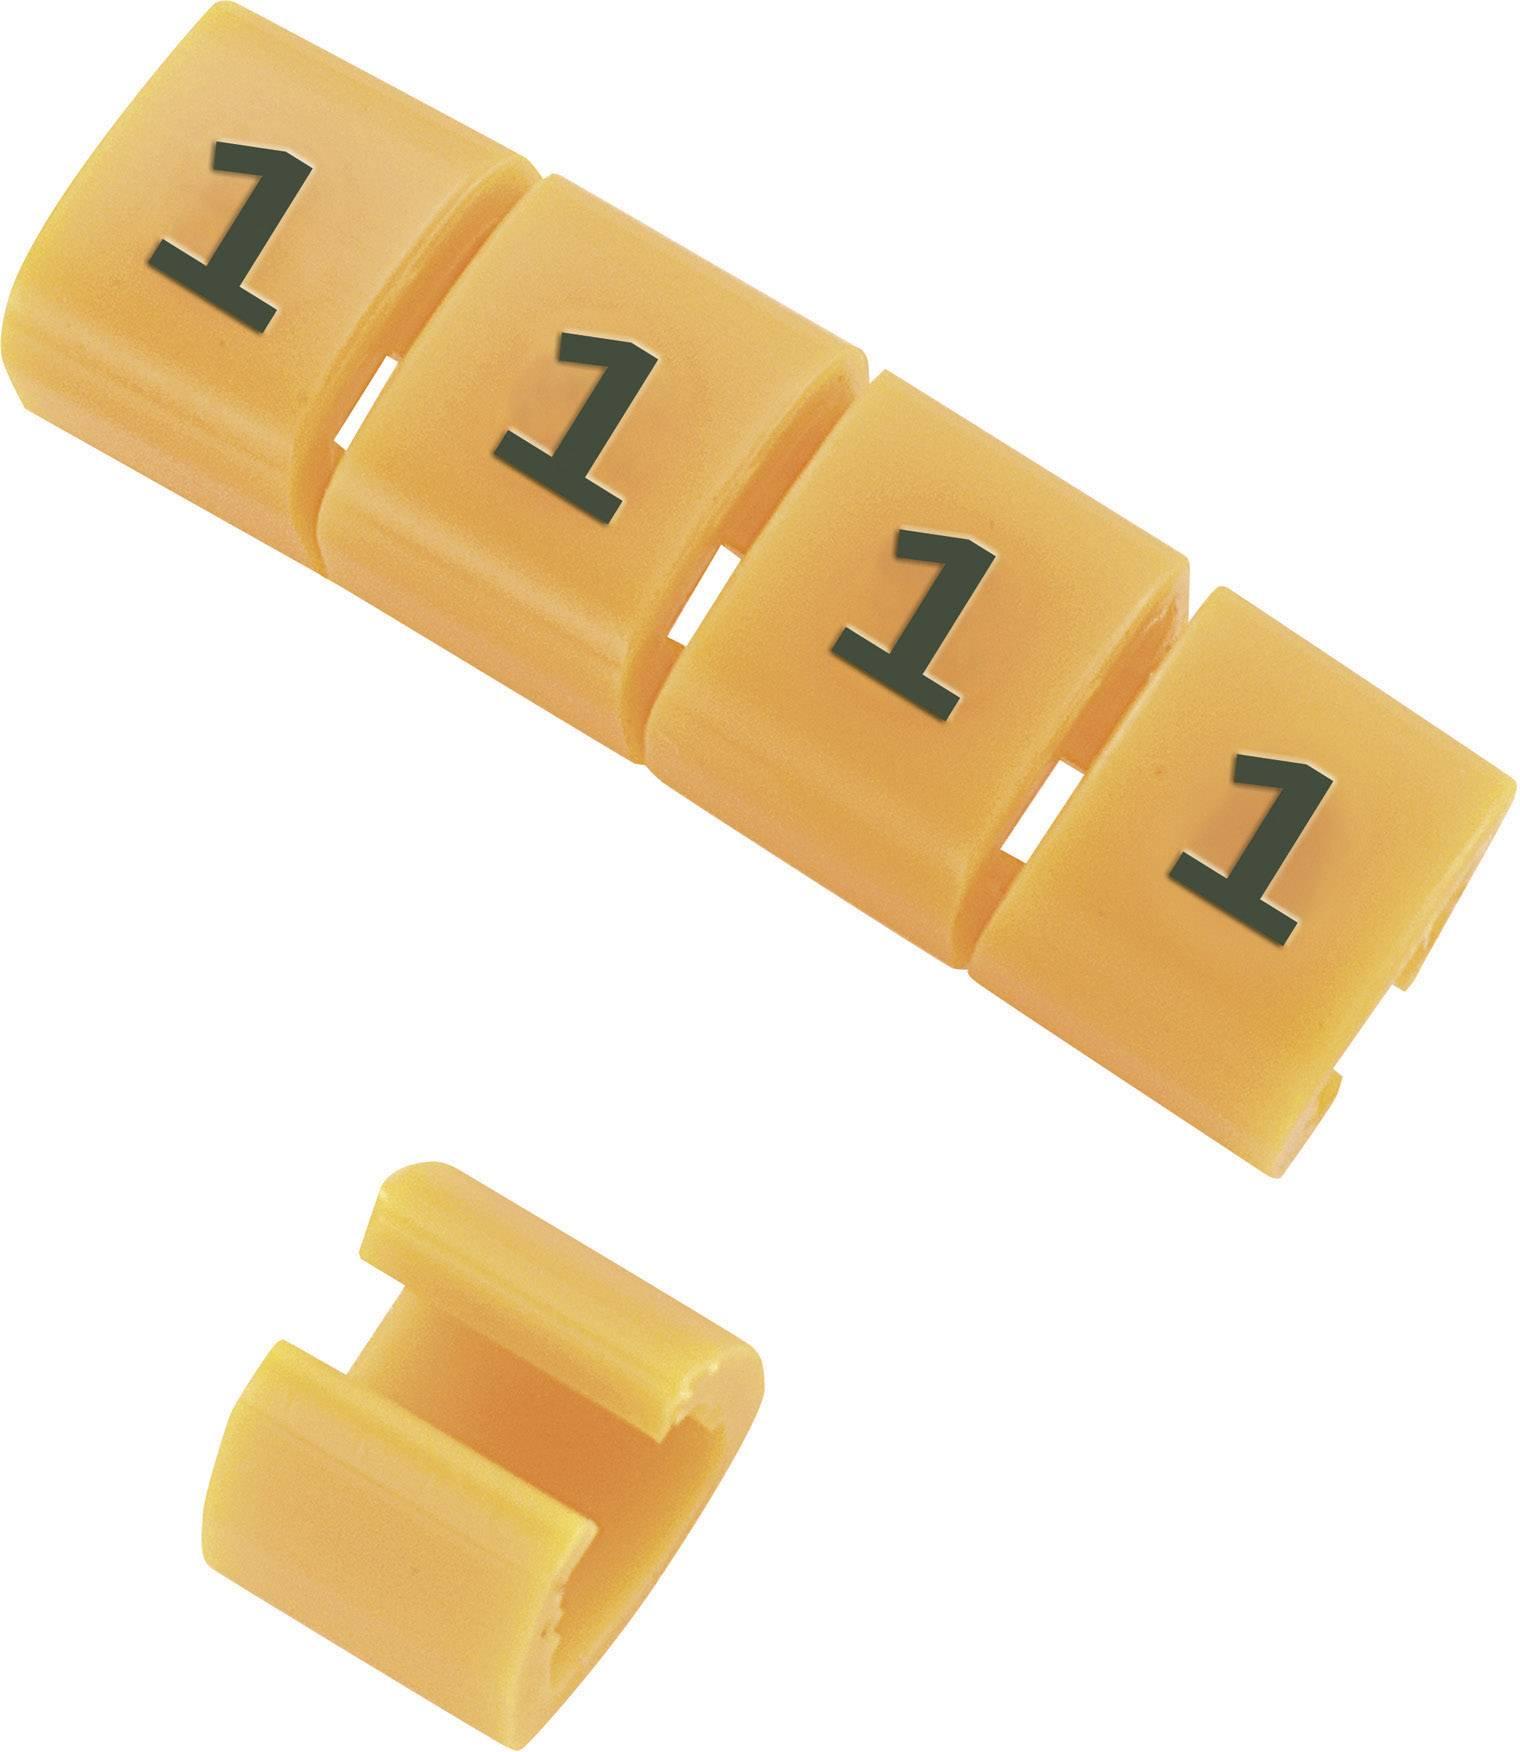 Označovacie objímka na káble KSS MB1/9, oranžová, 10 ks